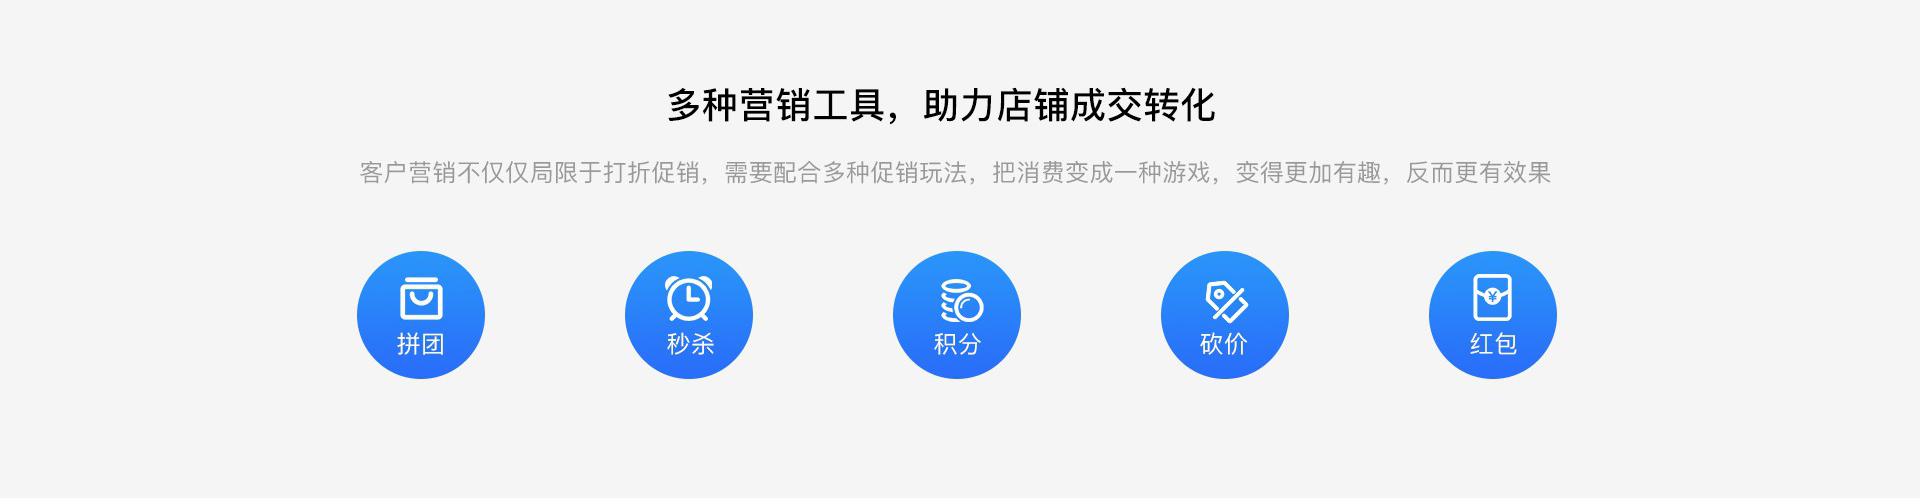 微信分销系统_微商分销商城软件_微信电商小程序-微客到